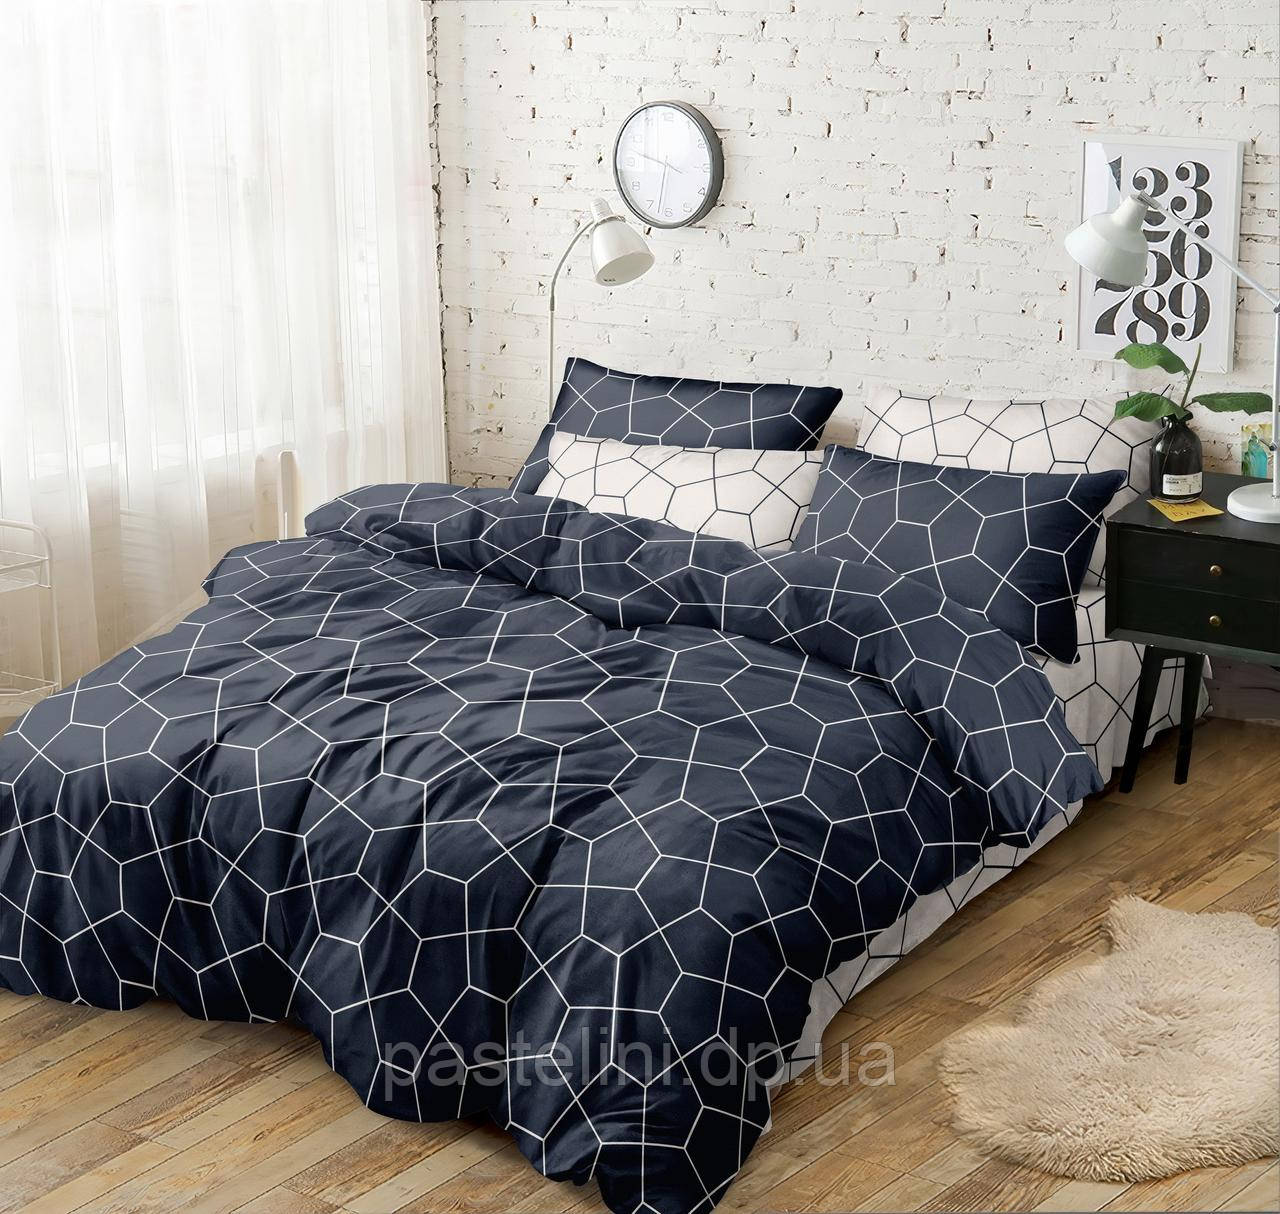 Комплект постельного белья Love you поплин двуспальный 203006